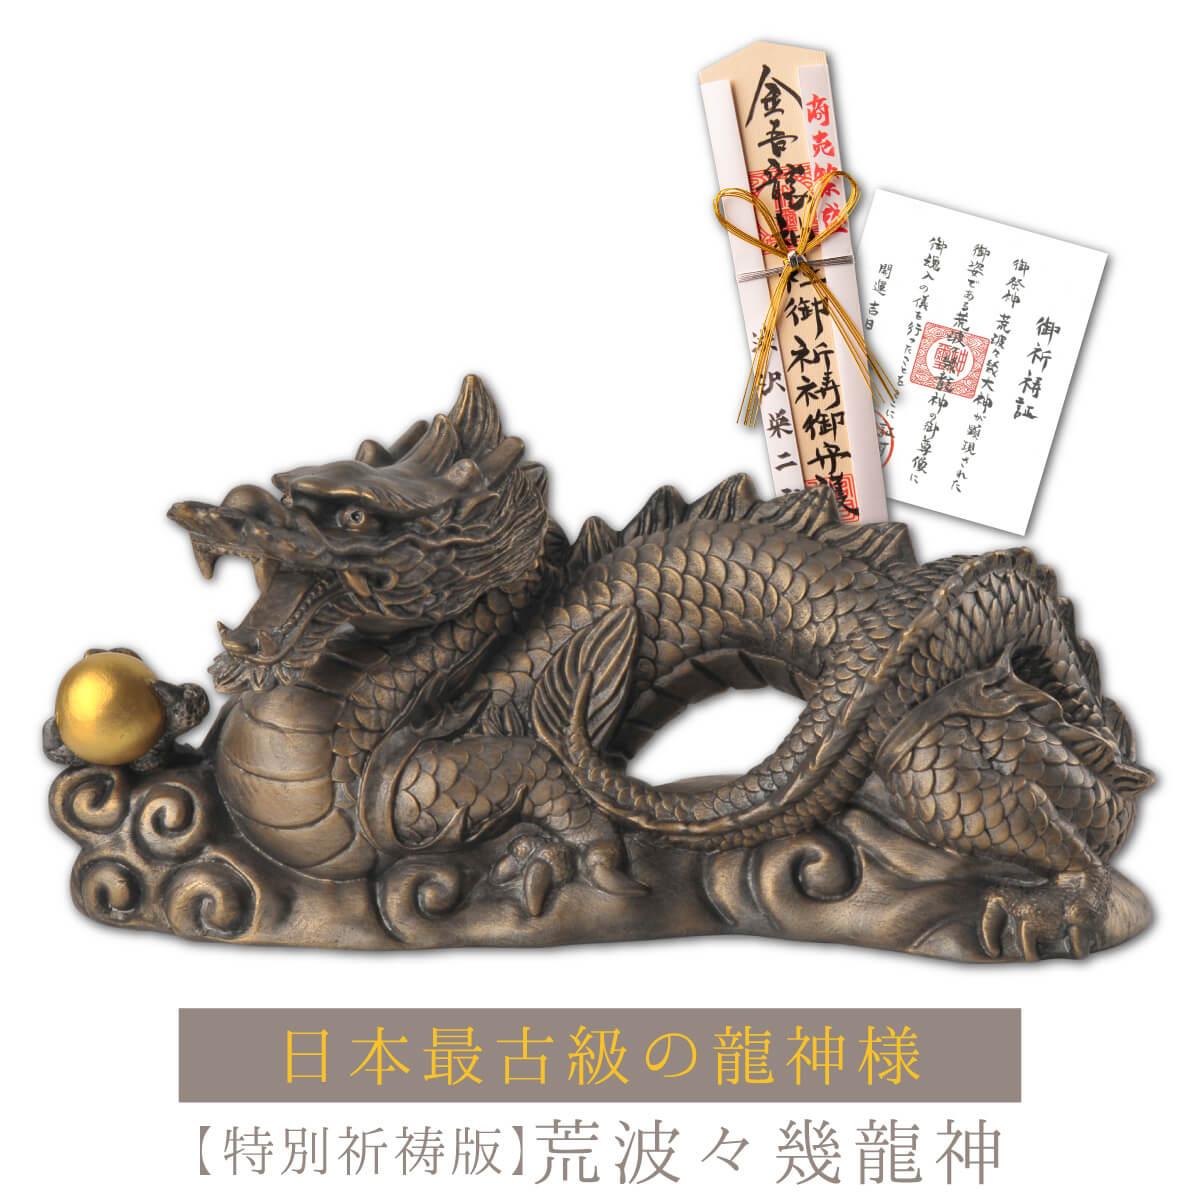 開運祈願に!あなたの為の特別祈祷付きの日本最古級の龍神様を!-荒波々幾龍神 ご祈祷済み 証明書付き 龍 開運 金運 置物 神像